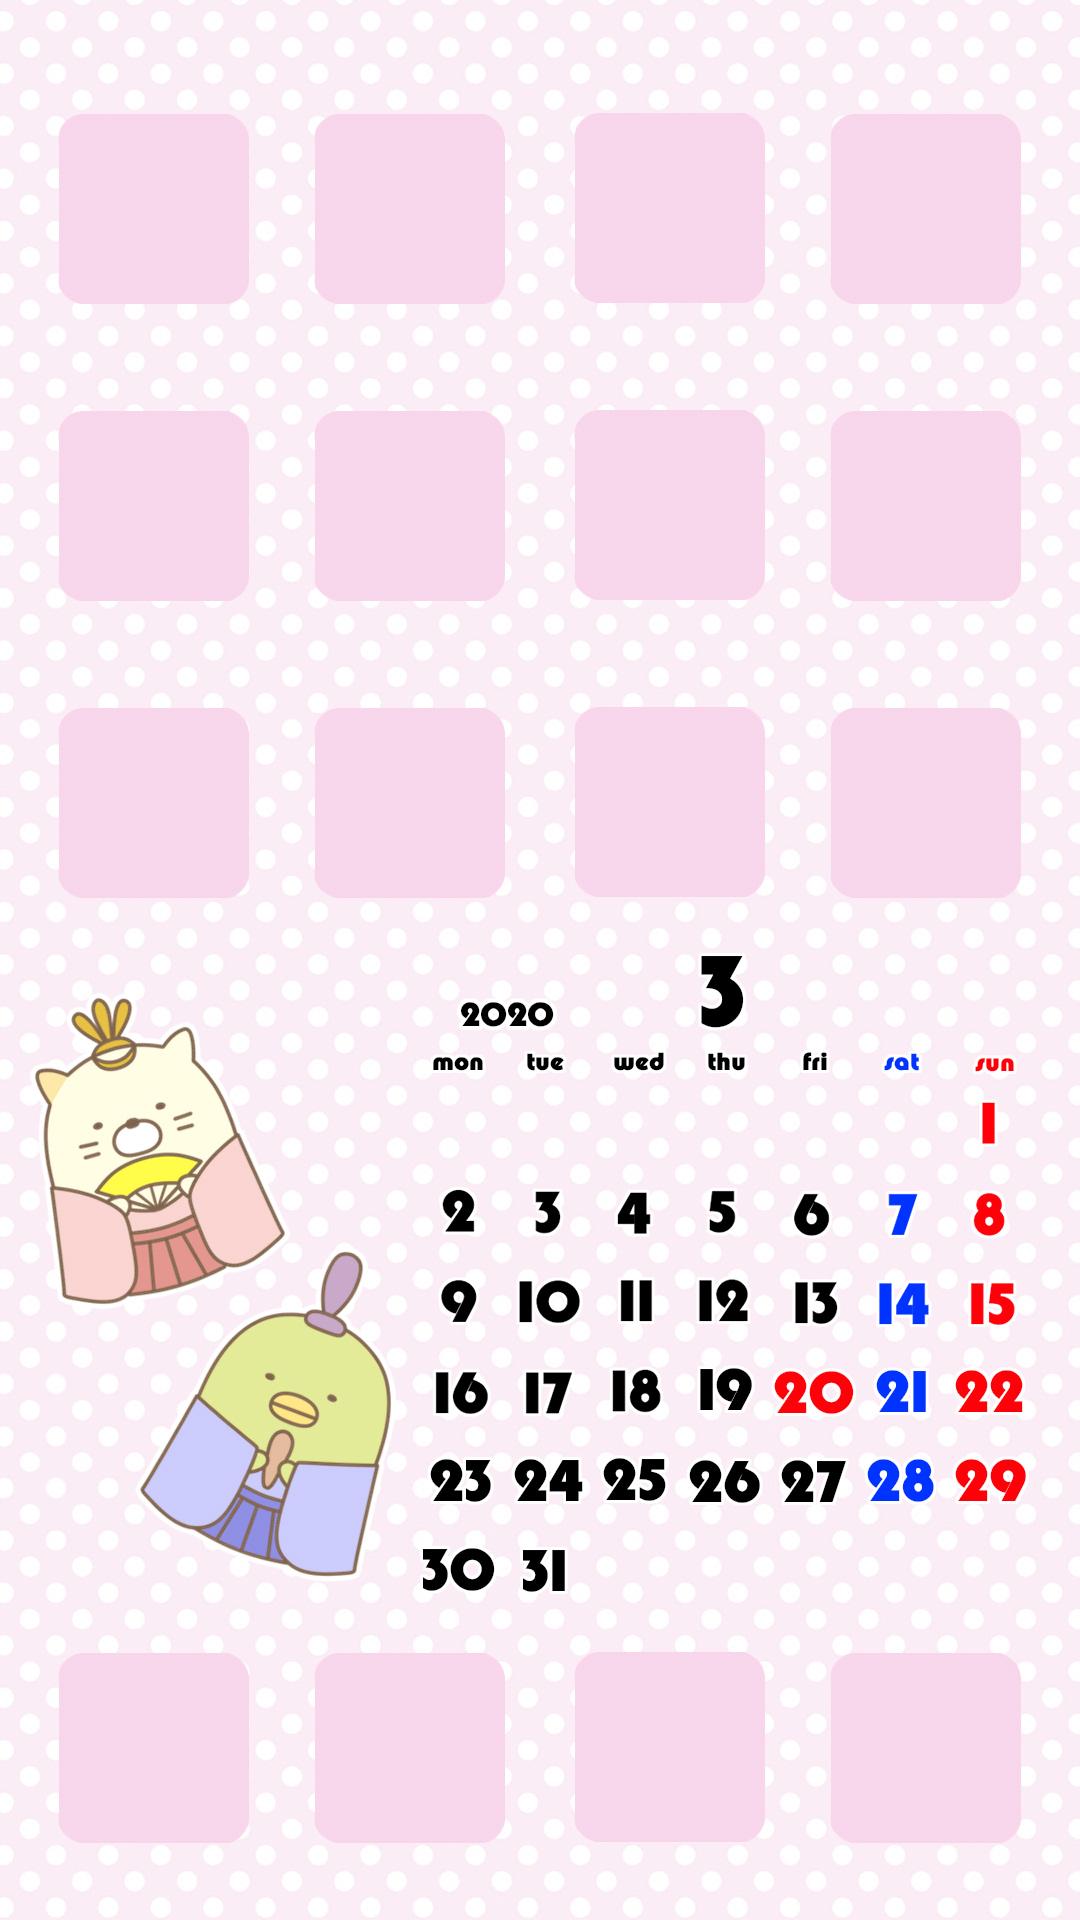 すみっこぐらし 待ち受けカレンダー 2020年3月 iPhone用 月曜始まり